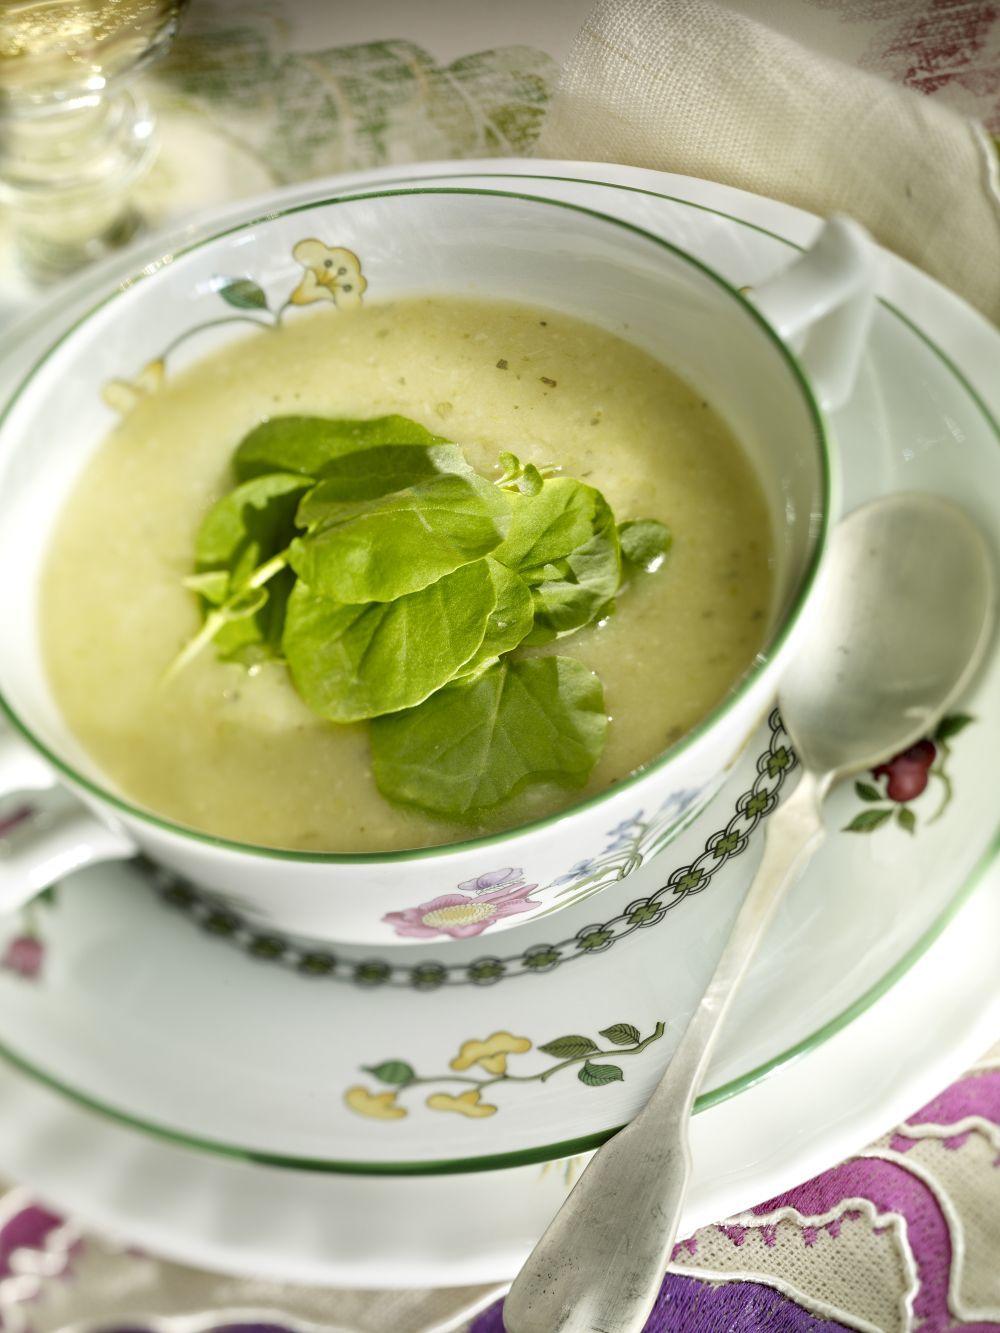 Las cremas de verduras como la de calabacín se convierten en la opción ideal para cenar rico y ligero y descansar bien.